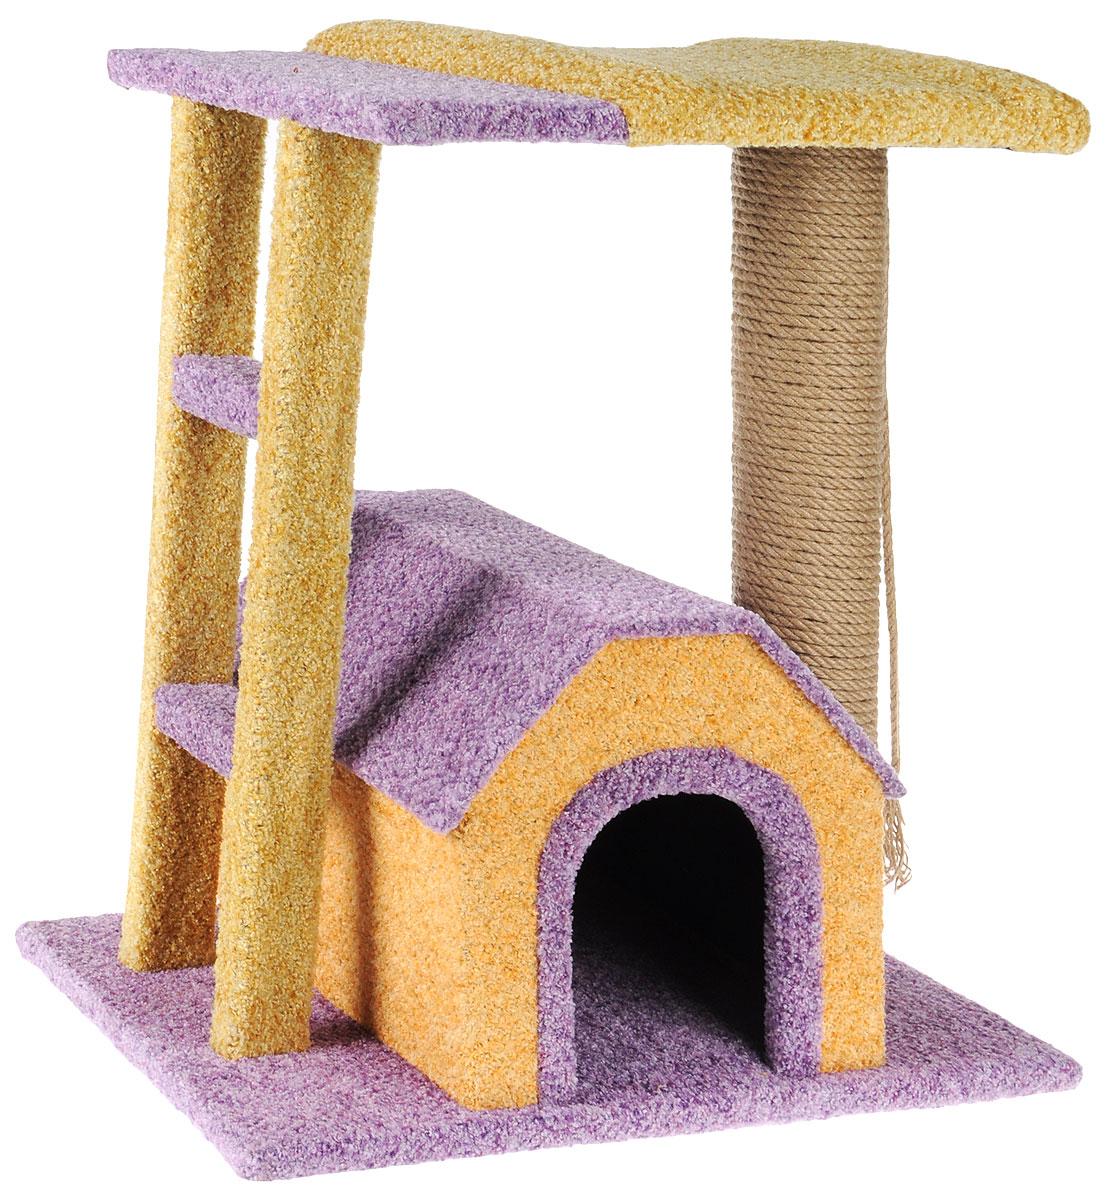 Игровой комплекс для кошек Грызлик Ам Бетси, цвет: фиолетовый, бежевый, 60 x 40 x 60 см0120710Игровой комплекс для кошек Грызлик Ам Бетси выполнен из высококачественного МДФ и обтянут ковролином. Комплекс состоит из нескольких элементов. В домике животное сможет спрятаться от посторонних глаз и отдохнуть. Верхняя полка прекрасно послужит в качестве лежанки и наблюдений за происходящим. Ковролин, из которого сделан комплекс, обеспечивает естественный уход за когтями питомца, поэтому теперь ваша мебель и стены будут в сохранности. Изделие также имеет лесенку. Уютный комплекс для игр и отдыха станет излюбленным местом вашего питомца. Оригинальный дизайн отлично впишется в интерьер помещения. Размер домика: 34 х 38 х 31 см. Размер верхней полки: 50 х 38 см.Общий размер комплекса: 60 х 40 х 60 см.